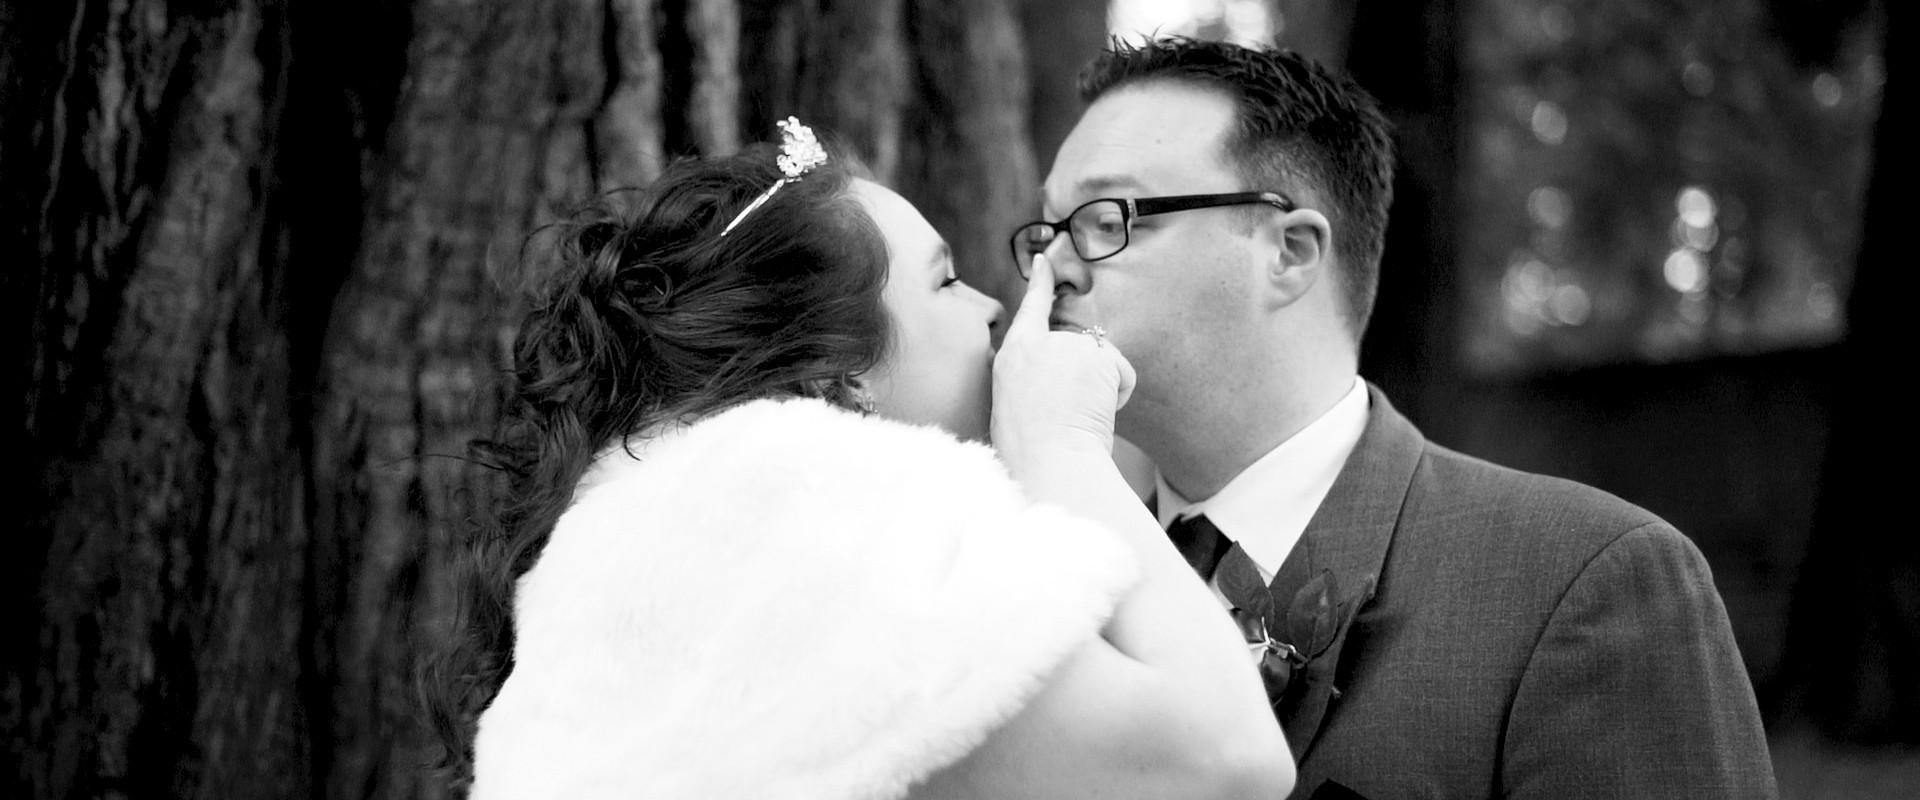 Wedding-ShortFilm-BW.00_06_47_05.Still06